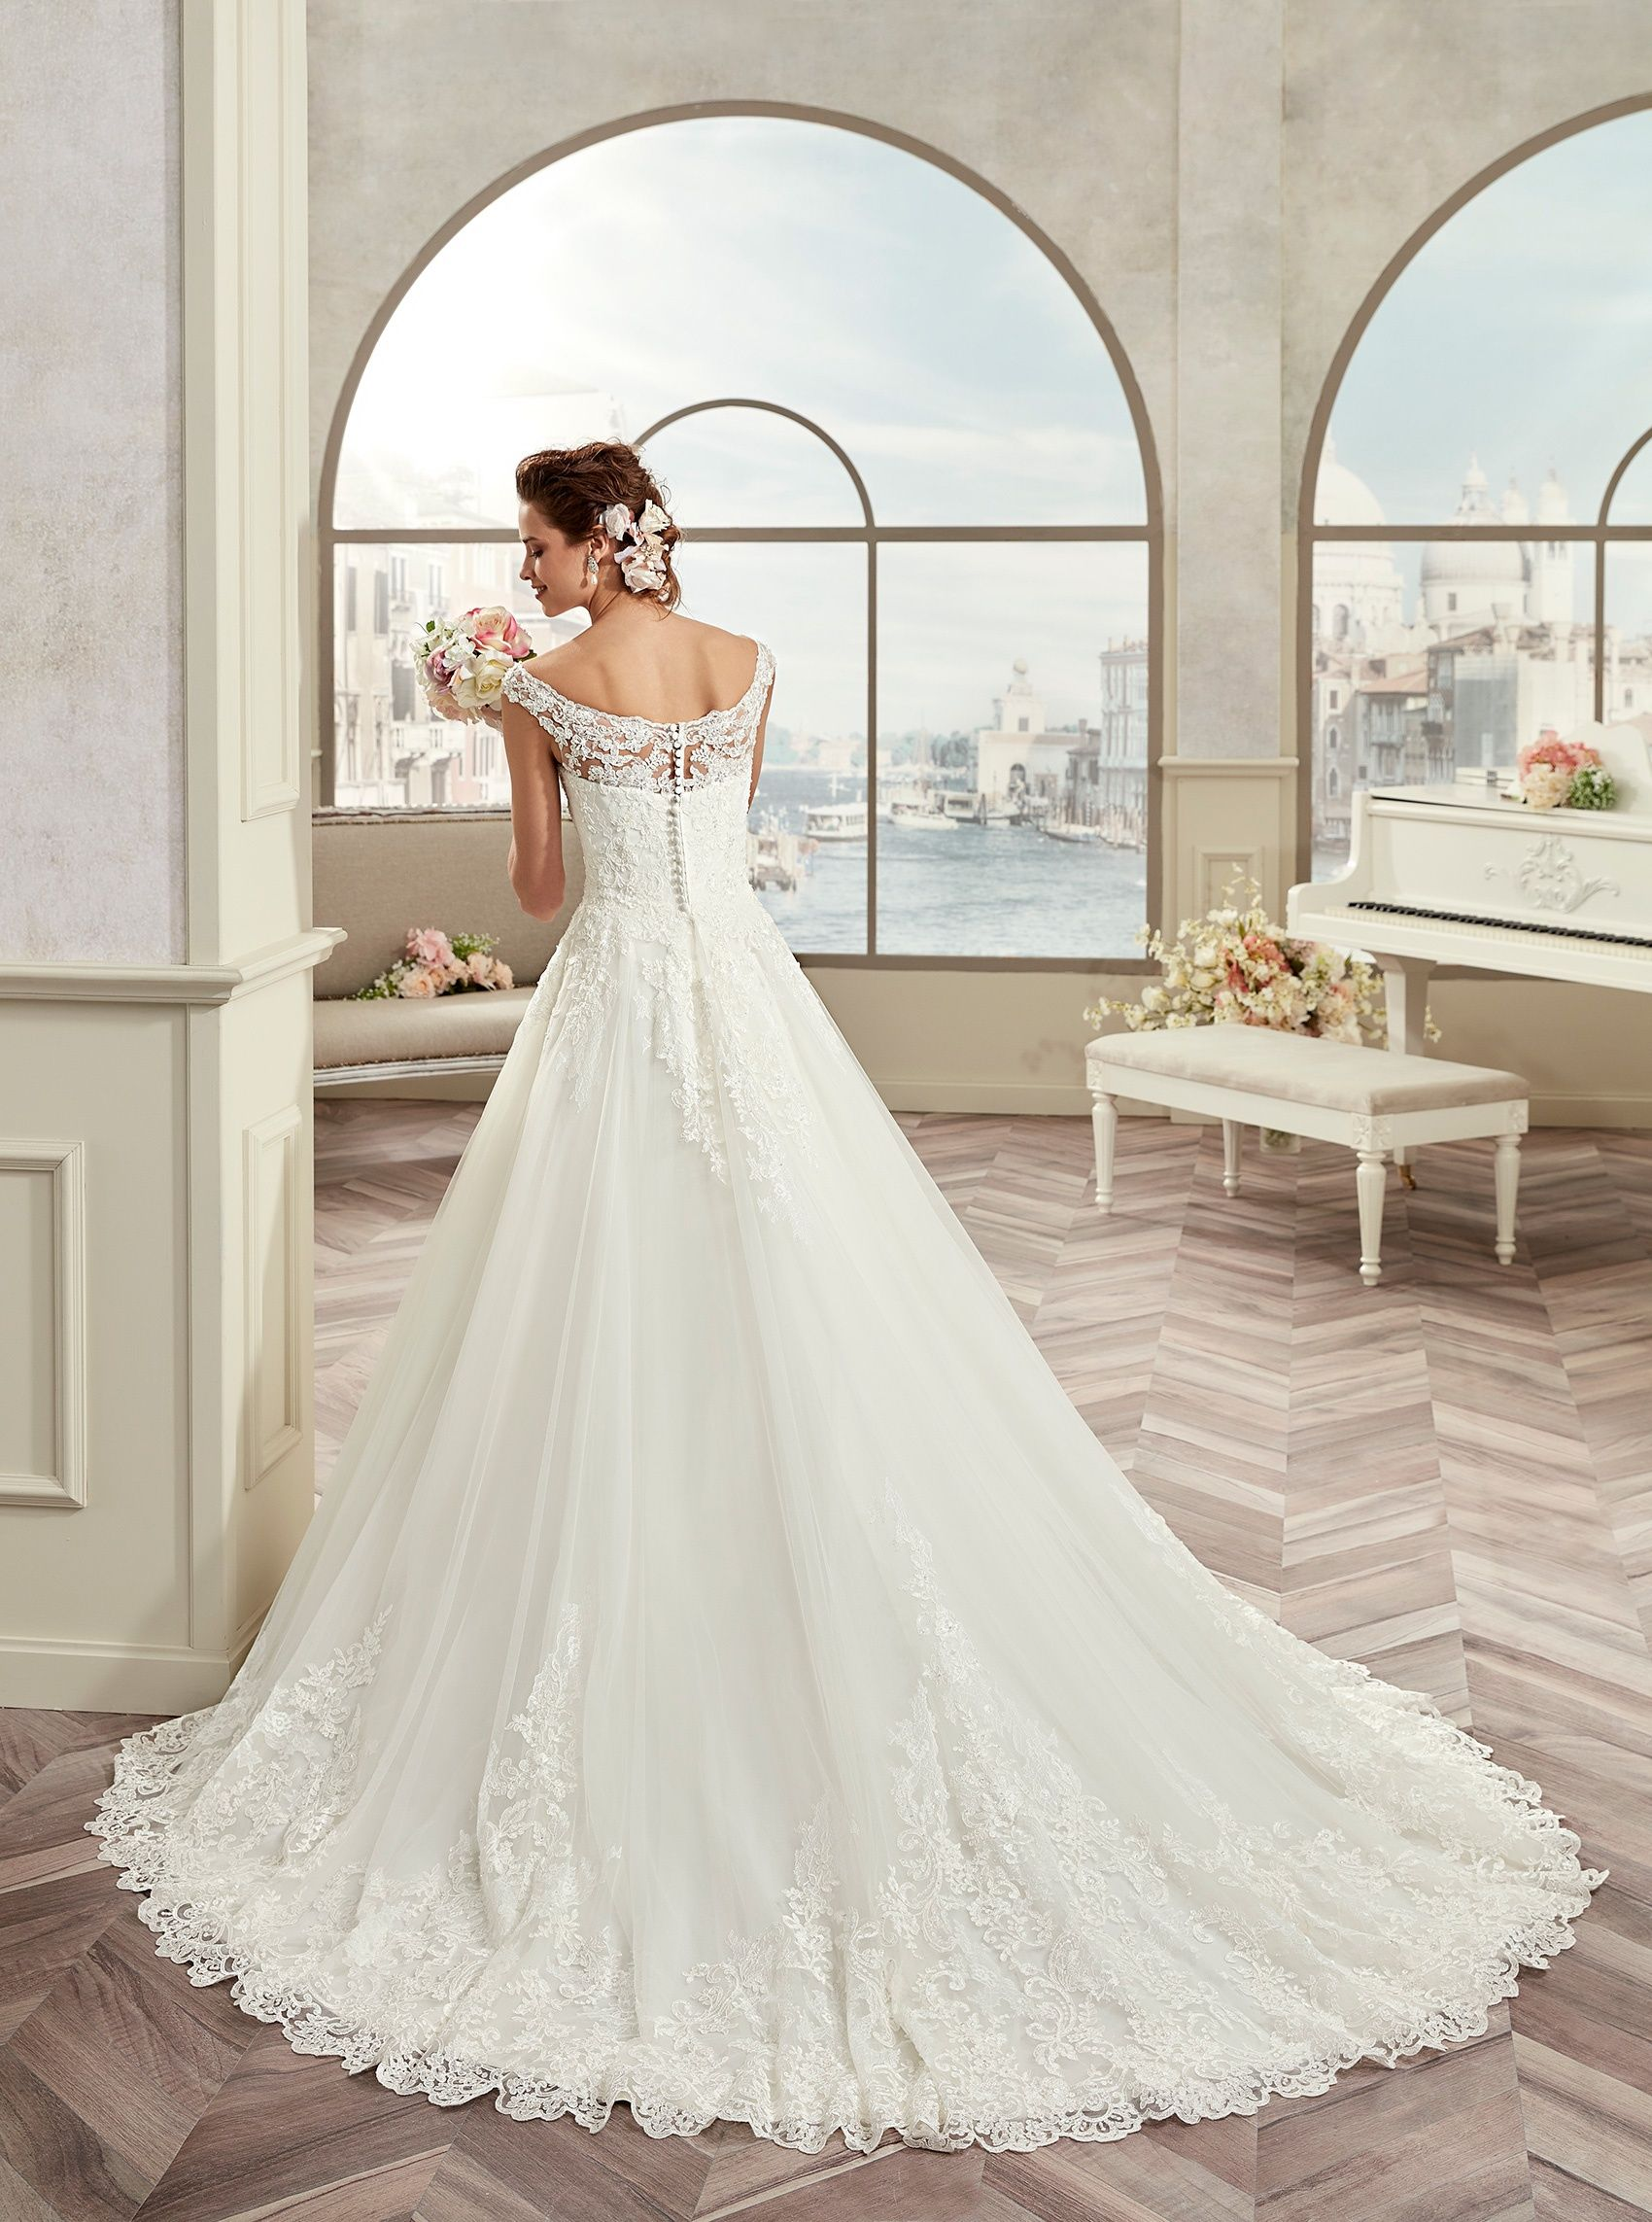 Wedding Dress Nicole Collection Colet Coab17317 2017 Abiti Da Sposa Vestito Da Sposa Sposa